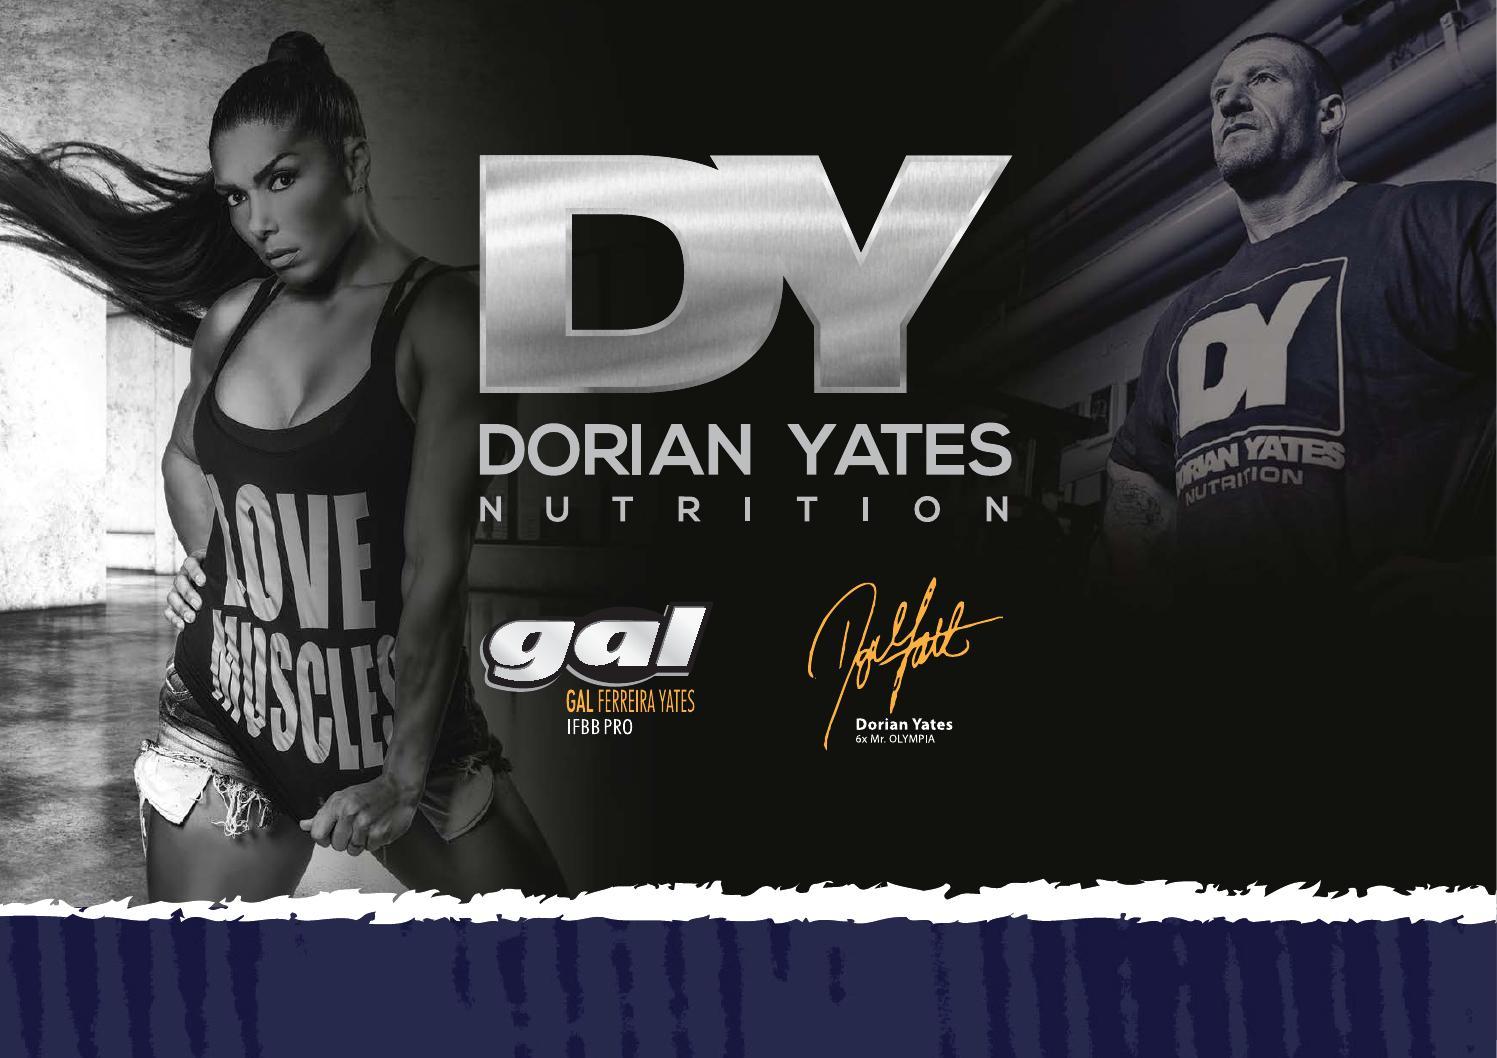 Catalogo dy nutrition by Daniel - issuu